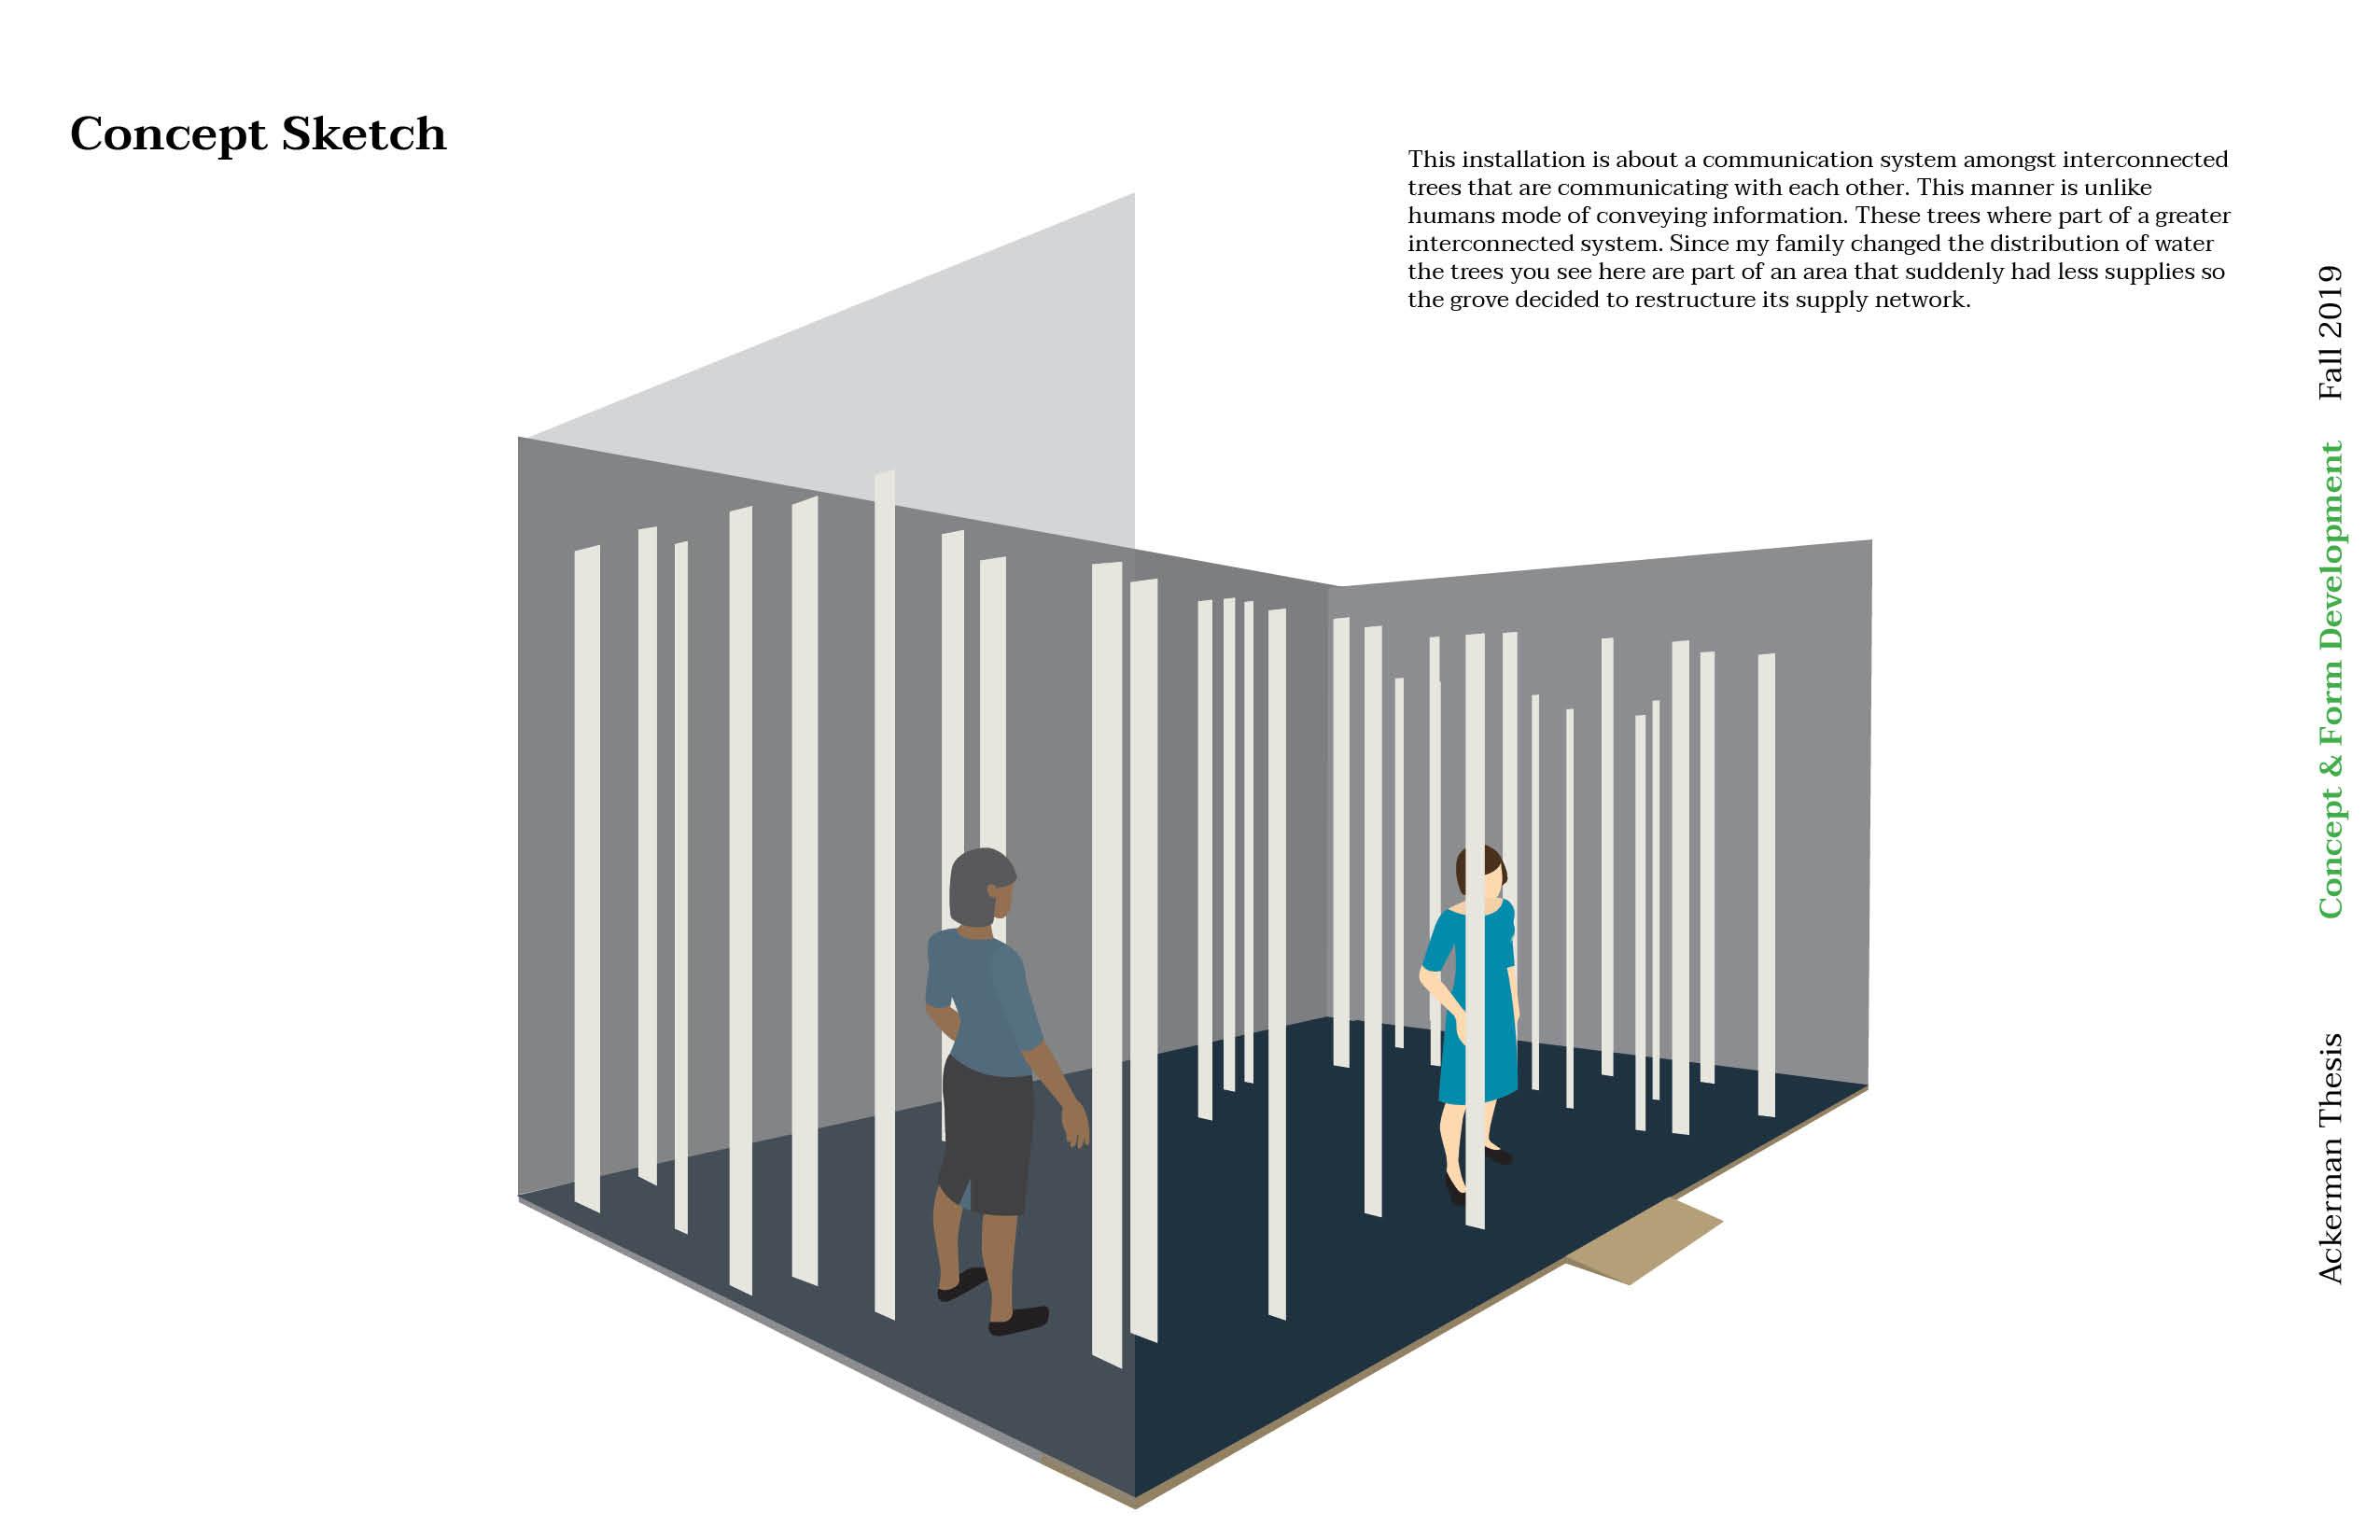 Ash Ackerman - Concept Sketch